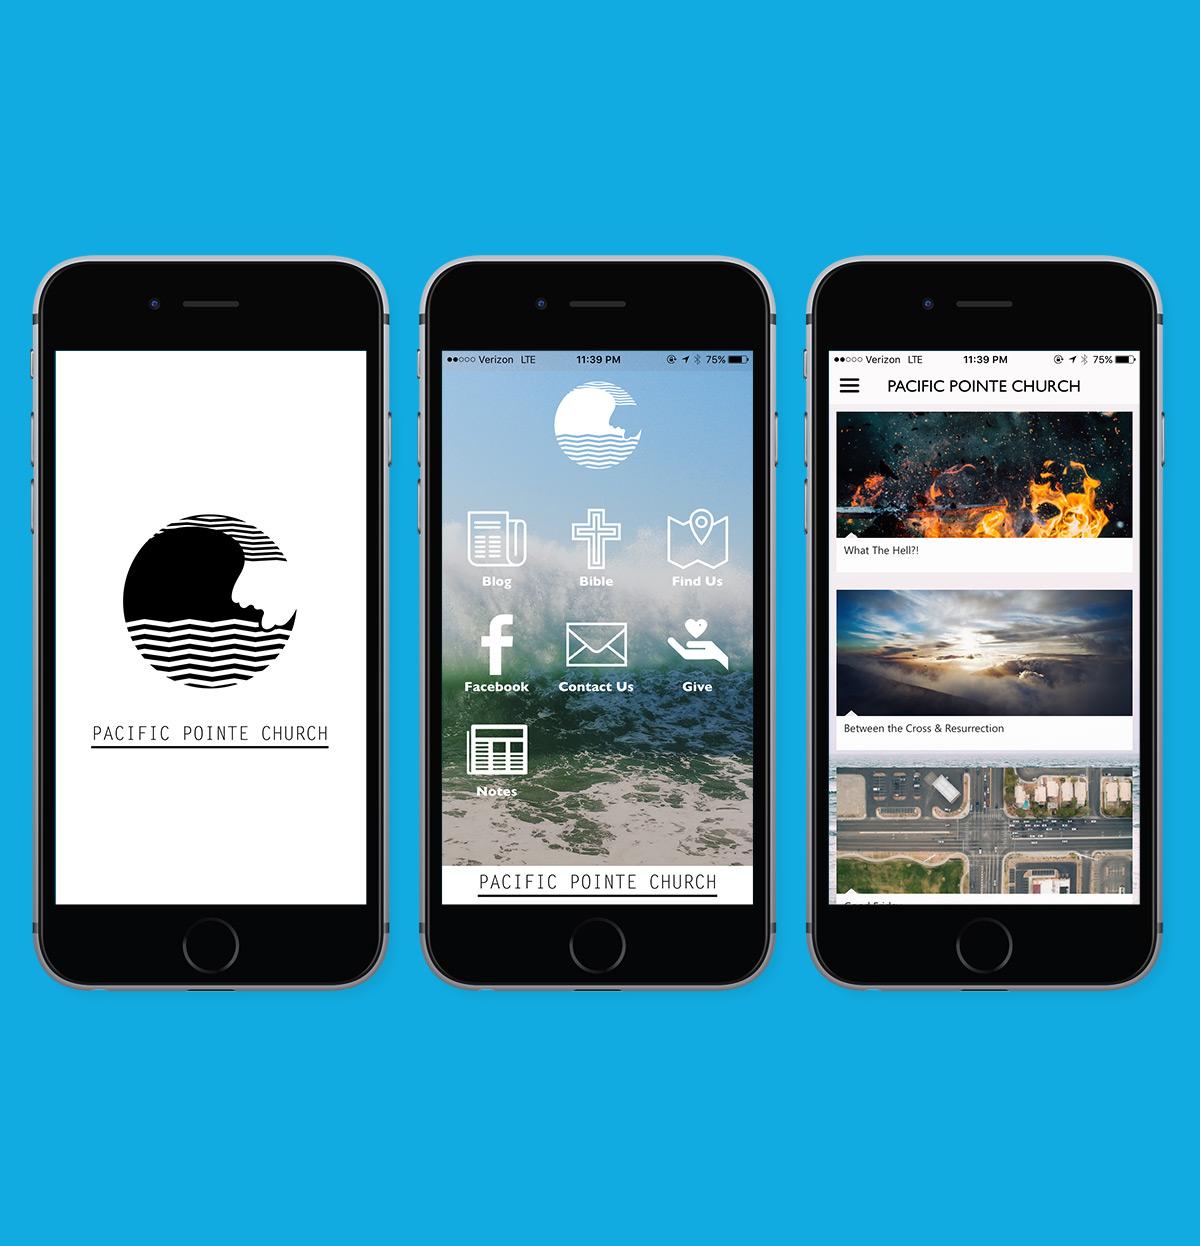 Pacific Pointe Church iOS app